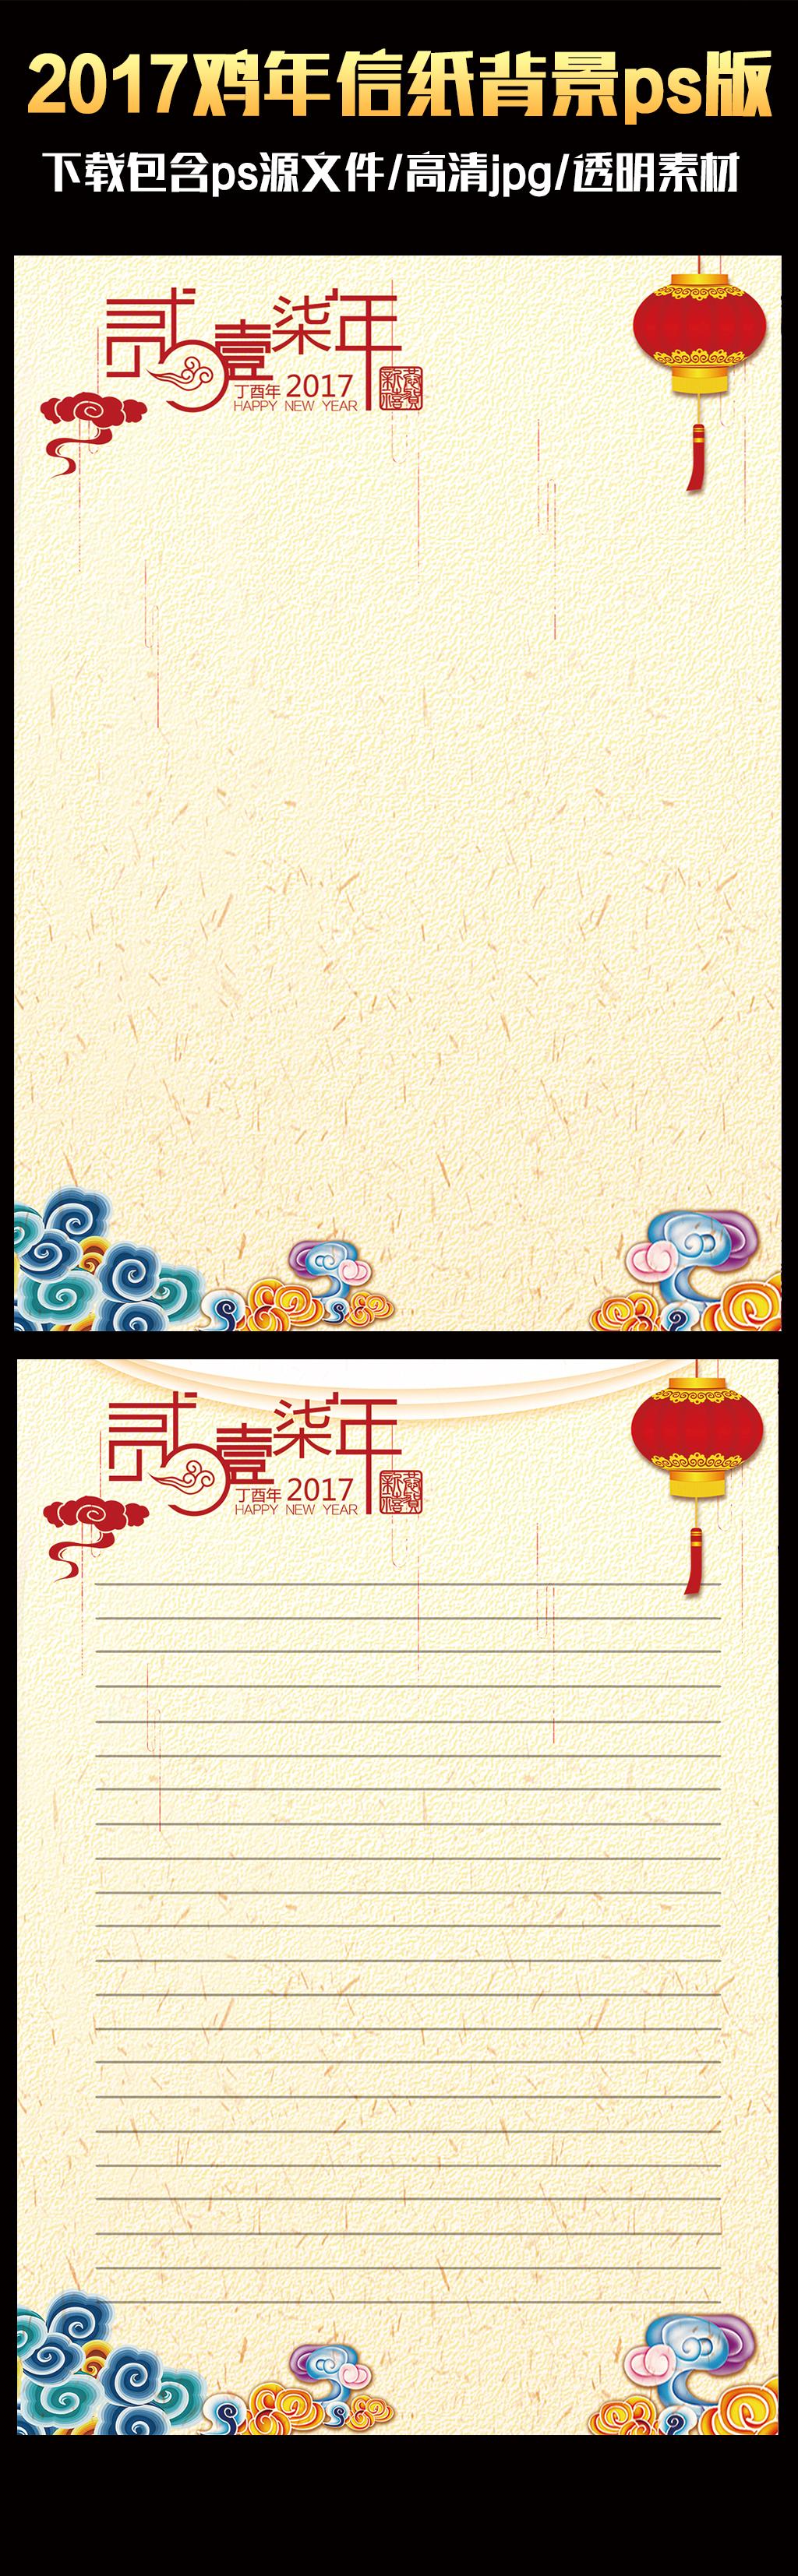 风喜庆鸡年ps信纸背景图片设计素材 高清其他模板下载 62.25MB